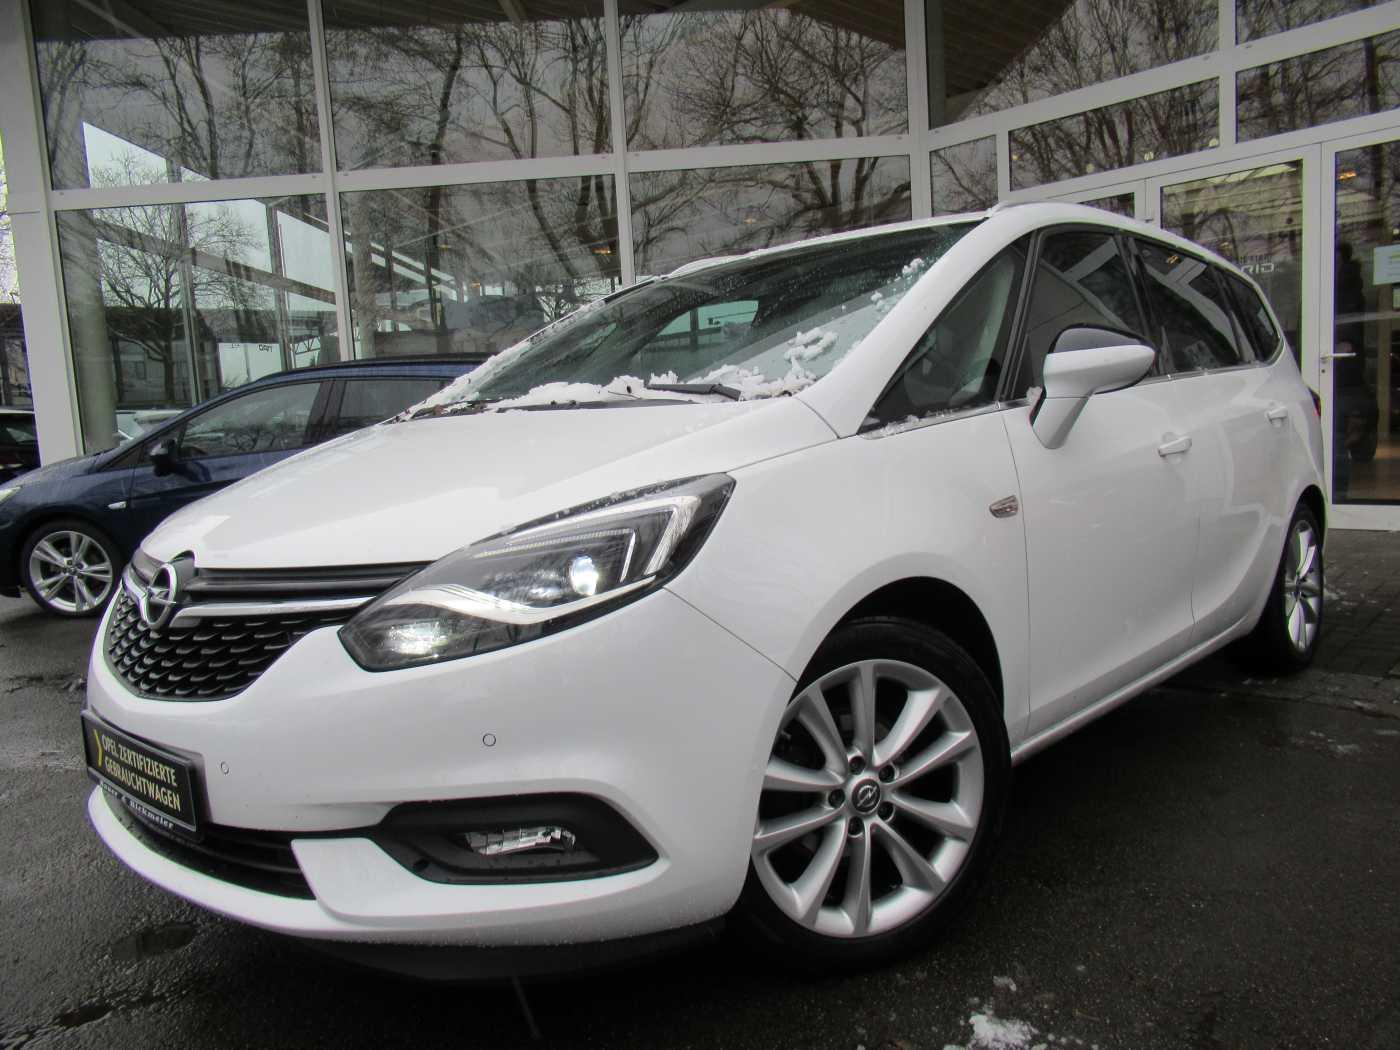 Opel Zafira 1.6 CDTI Business Innovation NAVI+RÜCKFAHRKAMERA+PARKPILOT, Jahr 2017, Diesel